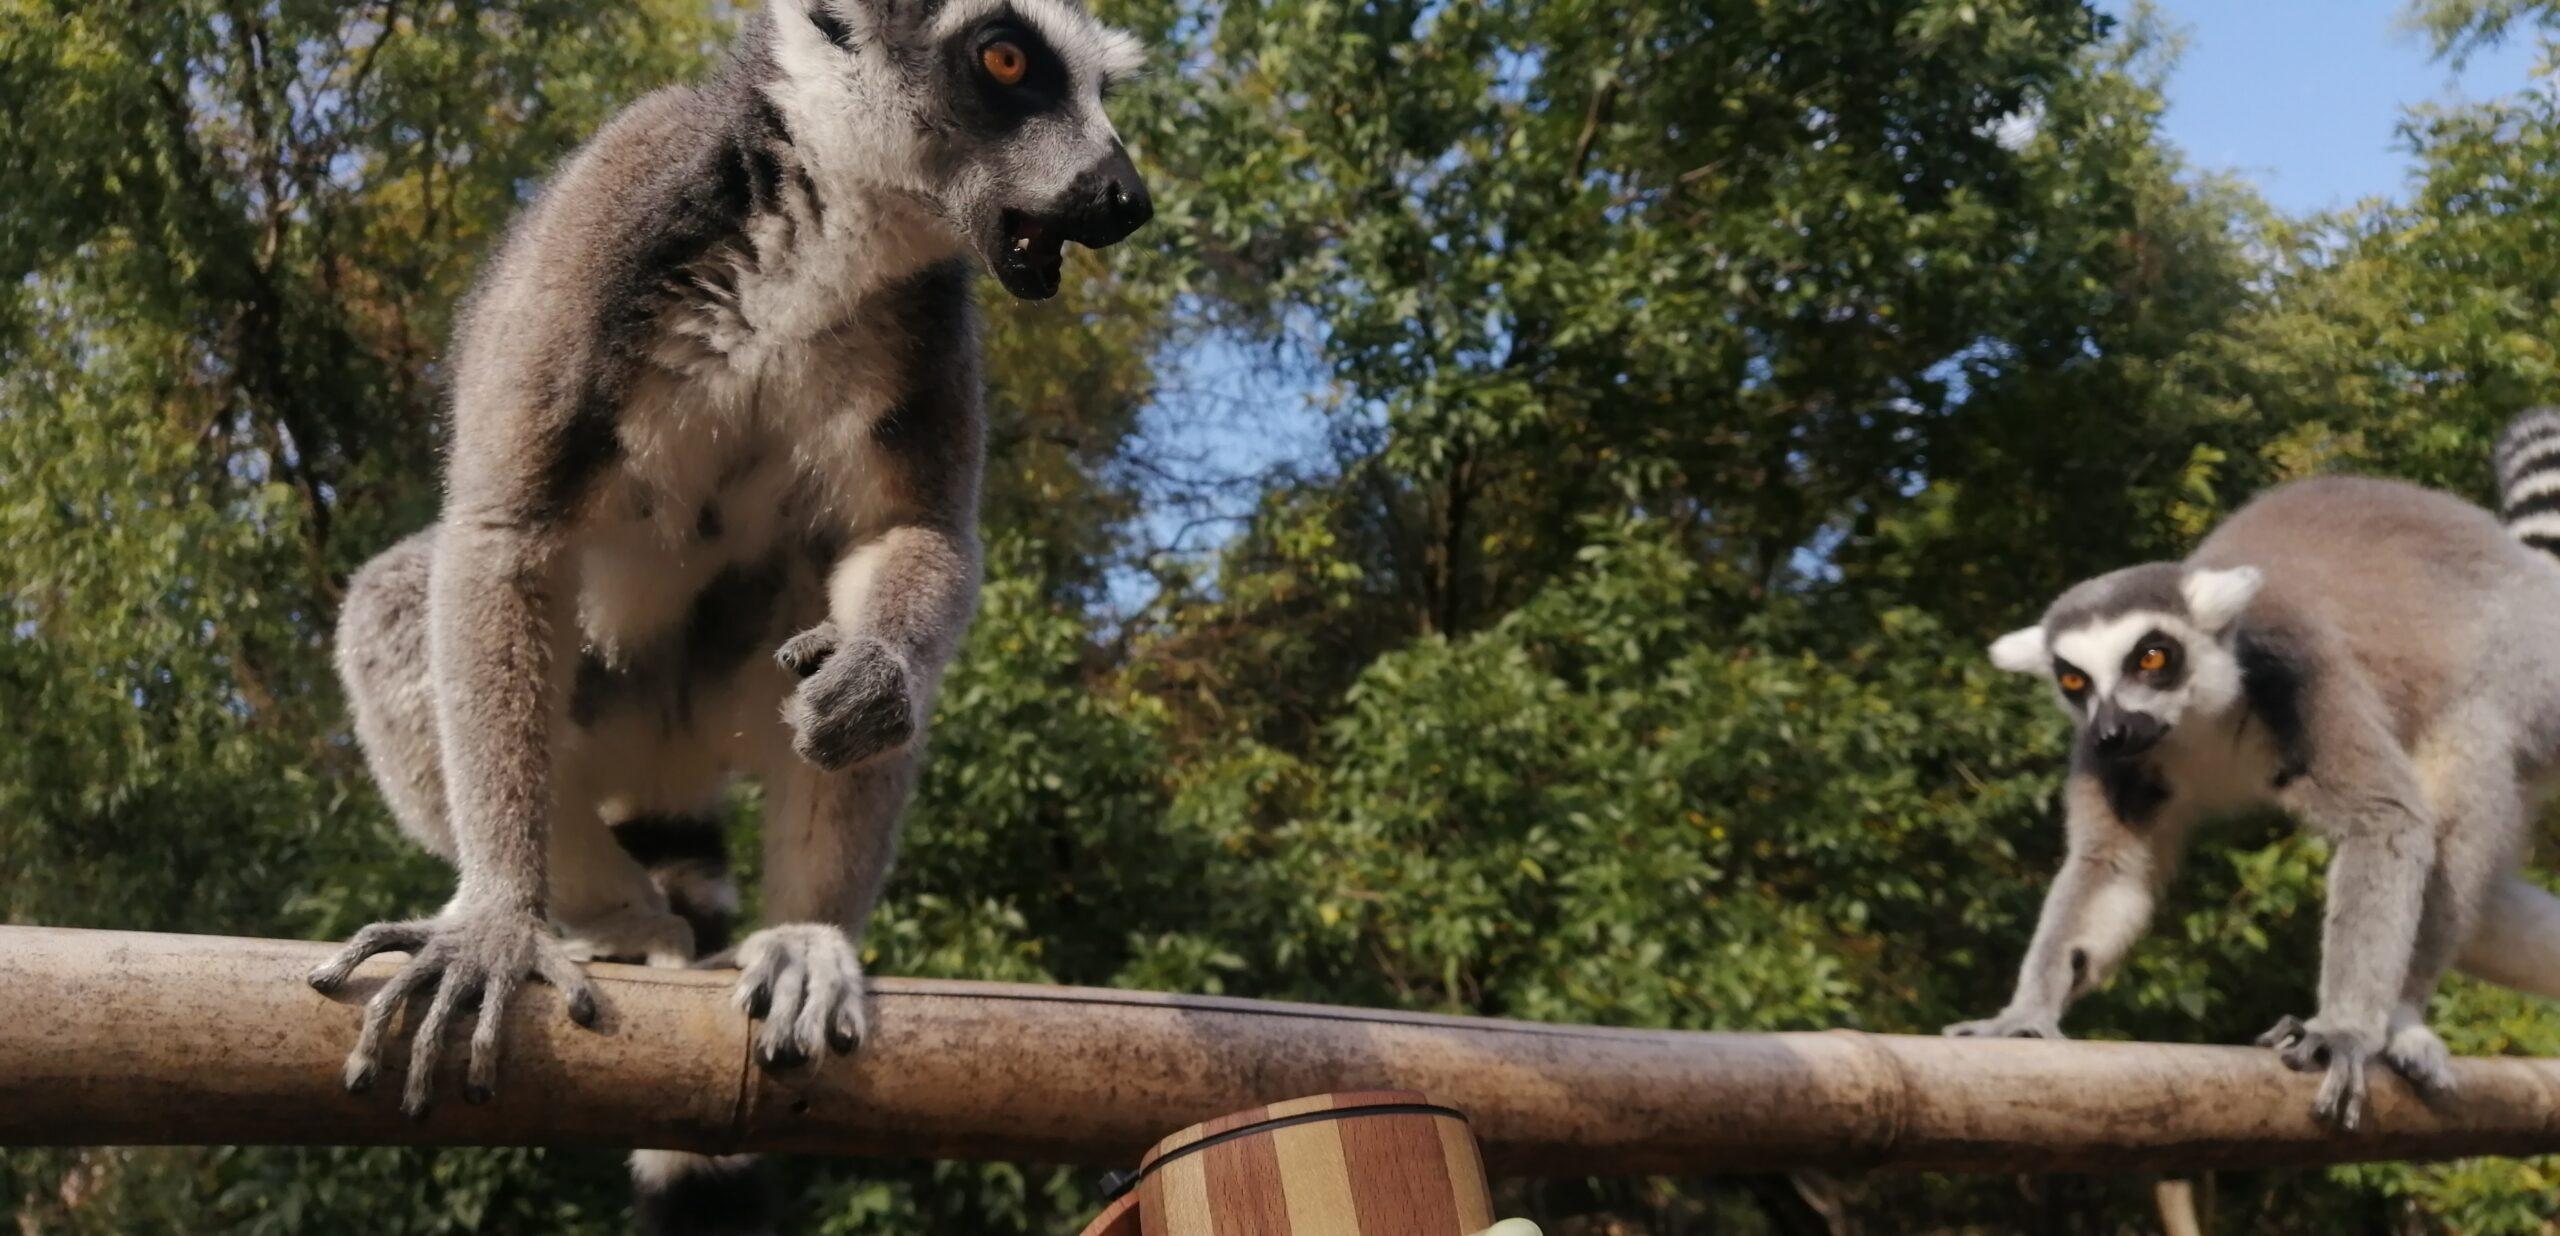 Редких экзотических животных из РФ хотели нелегально вывезти в Китай